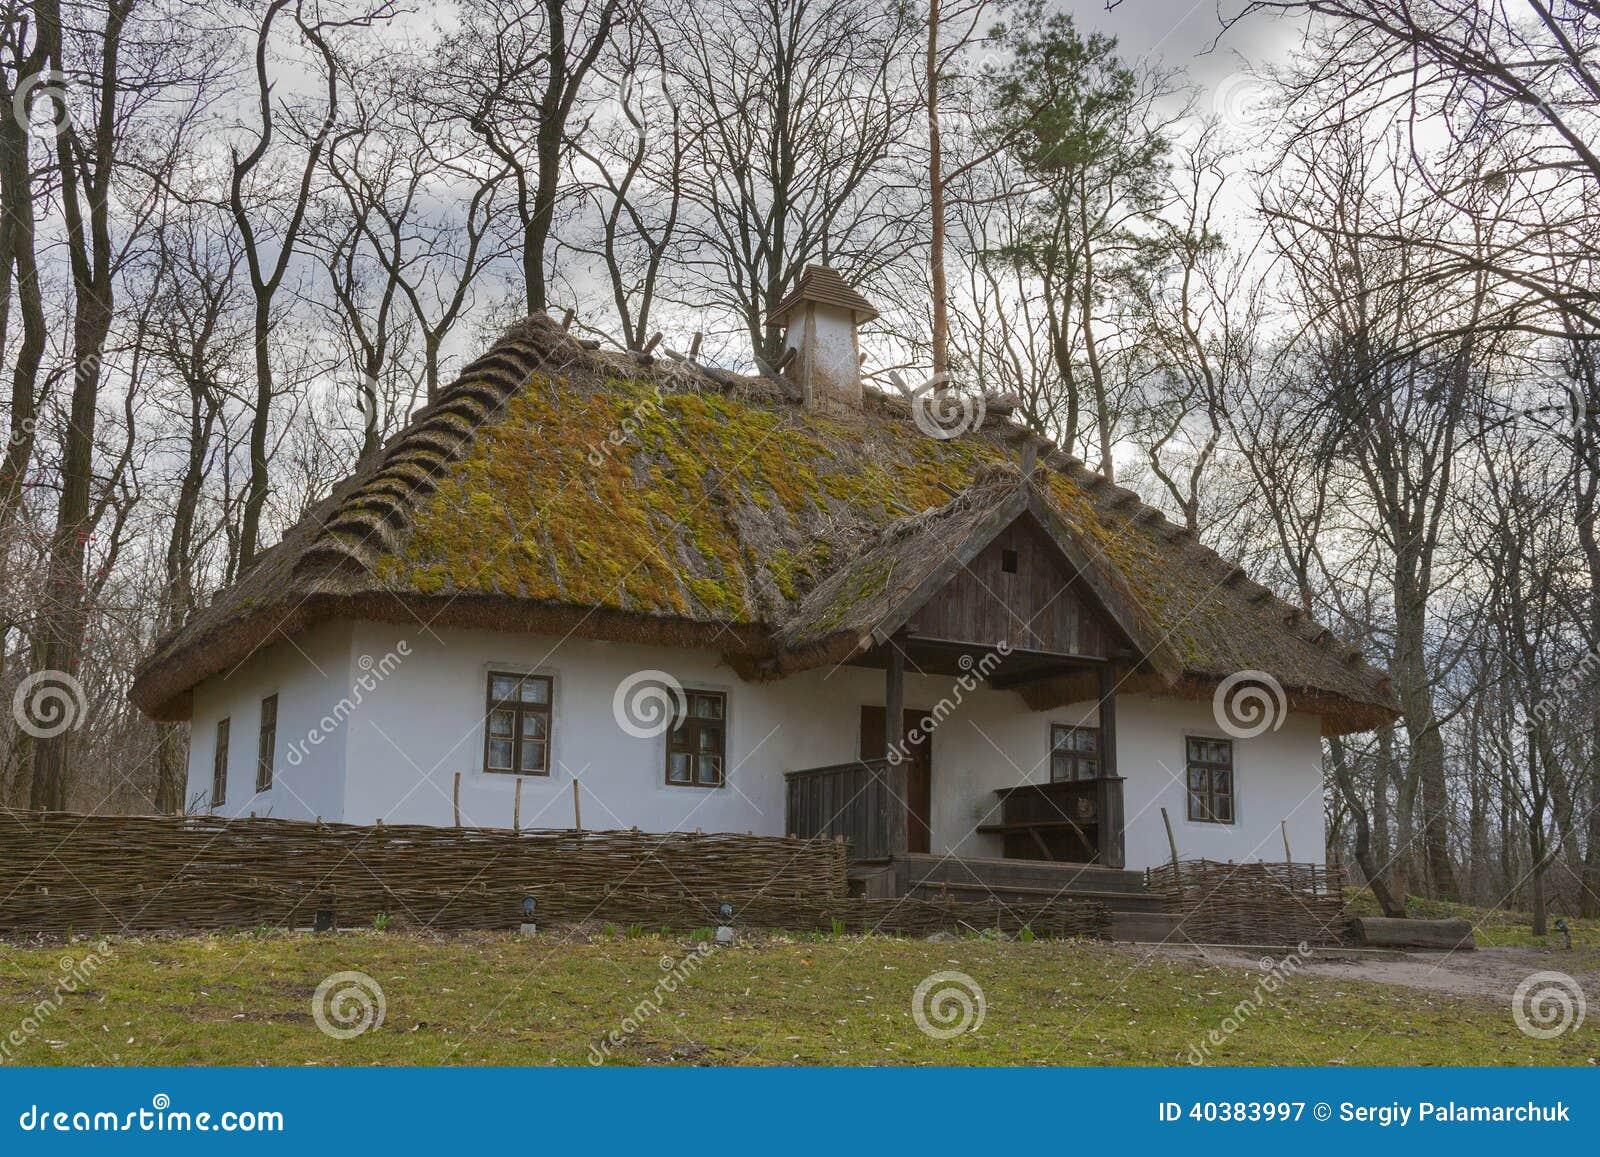 Taras Shevchenko chamber in Kaniv, Ukraine